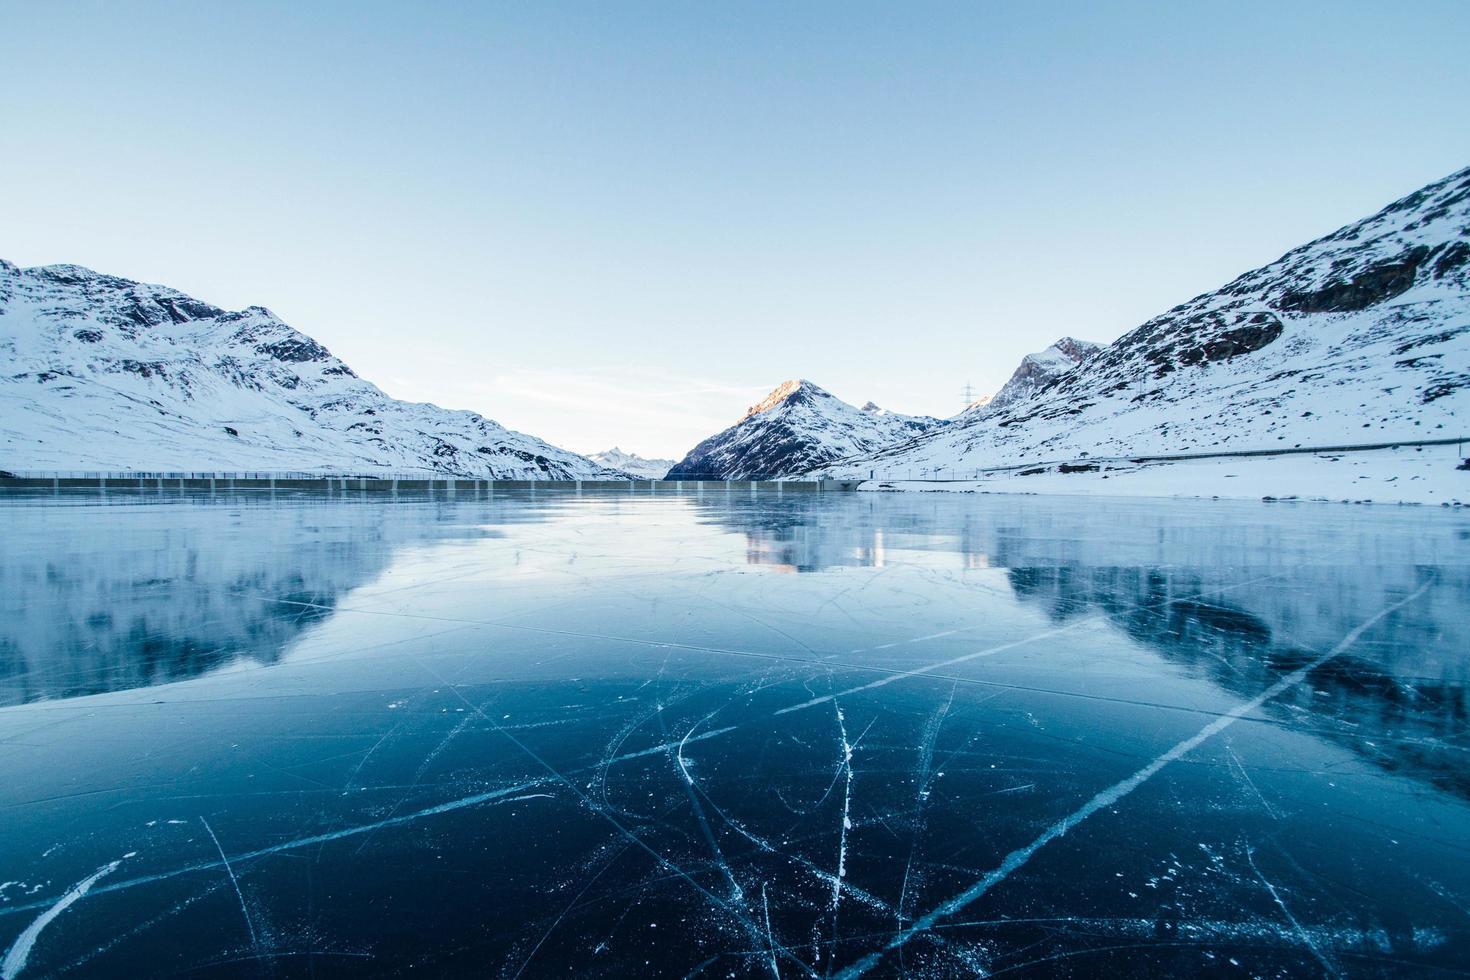 rivière gelée avec des montagnes couvertes de neige photo